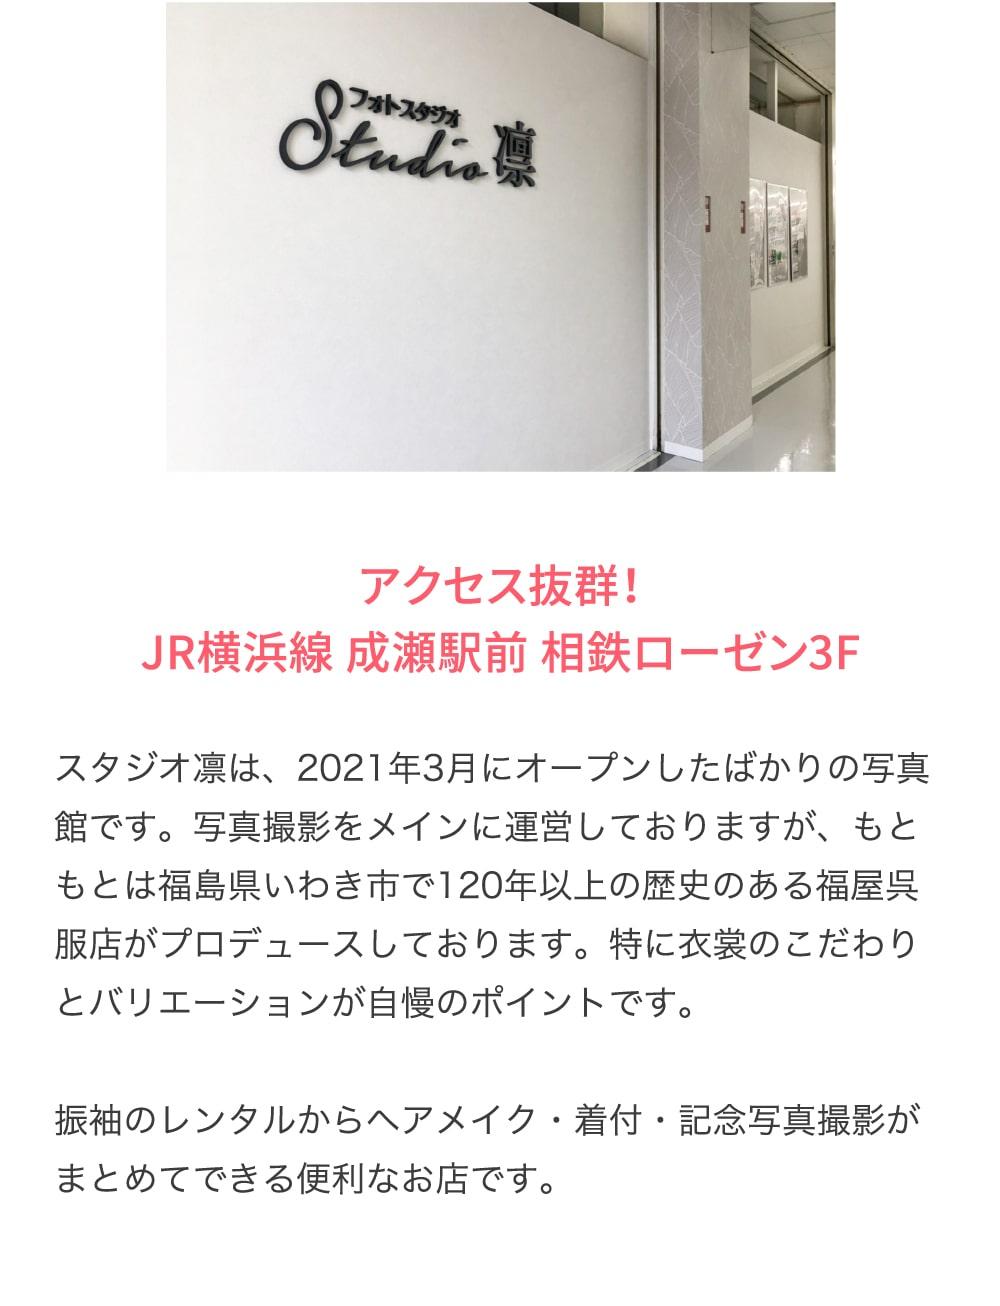 アクセス抜群!JR横浜線 成瀬駅前 相鉄ローゼン3F スタジオ凛は、2021年3月にオープンしたばかりの写真館です。写真撮影をメインに運営しておりますが、もともとは福島県いわき市で120年以上の歴史のある福屋呉服店がプロデュースしております。特に衣裳のこだわりとバリエーションが自慢のポイントです。振袖のレンタルからヘアメイク・着付・記念写真撮影がまとめてできる便利なお店です。